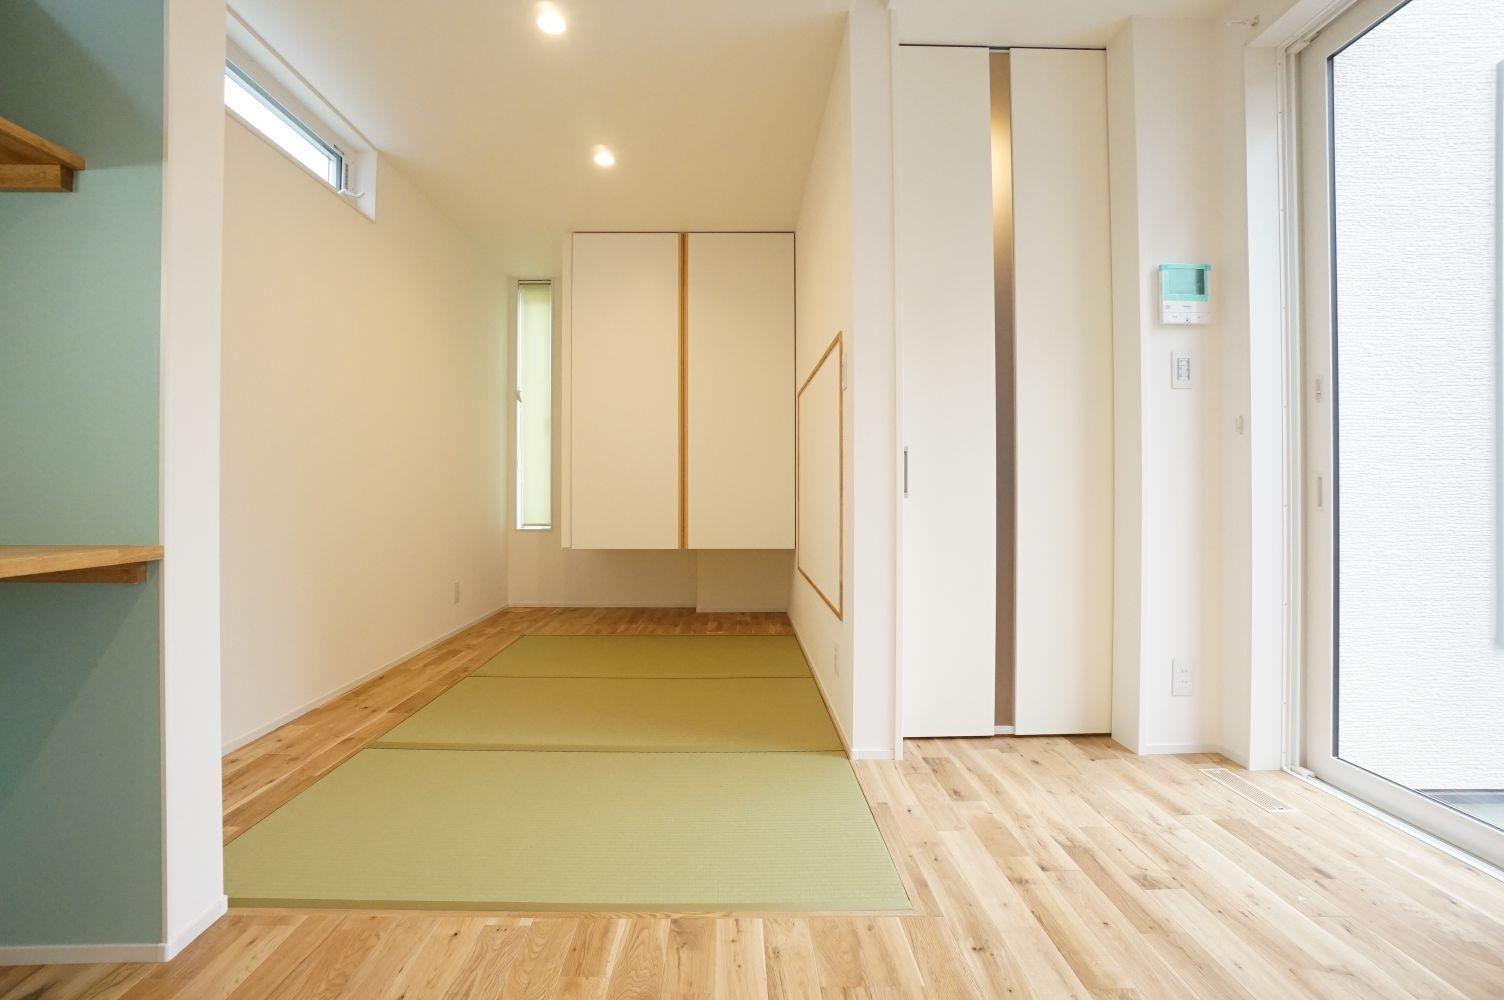 RIKYU (リキュー)【デザイン住宅、間取り、建築家】玄関から近い場所にある畳コーナー。天井まで届くリビングドアや吊押入れを採用したことで目線が上がり、空間がより広く感じられる